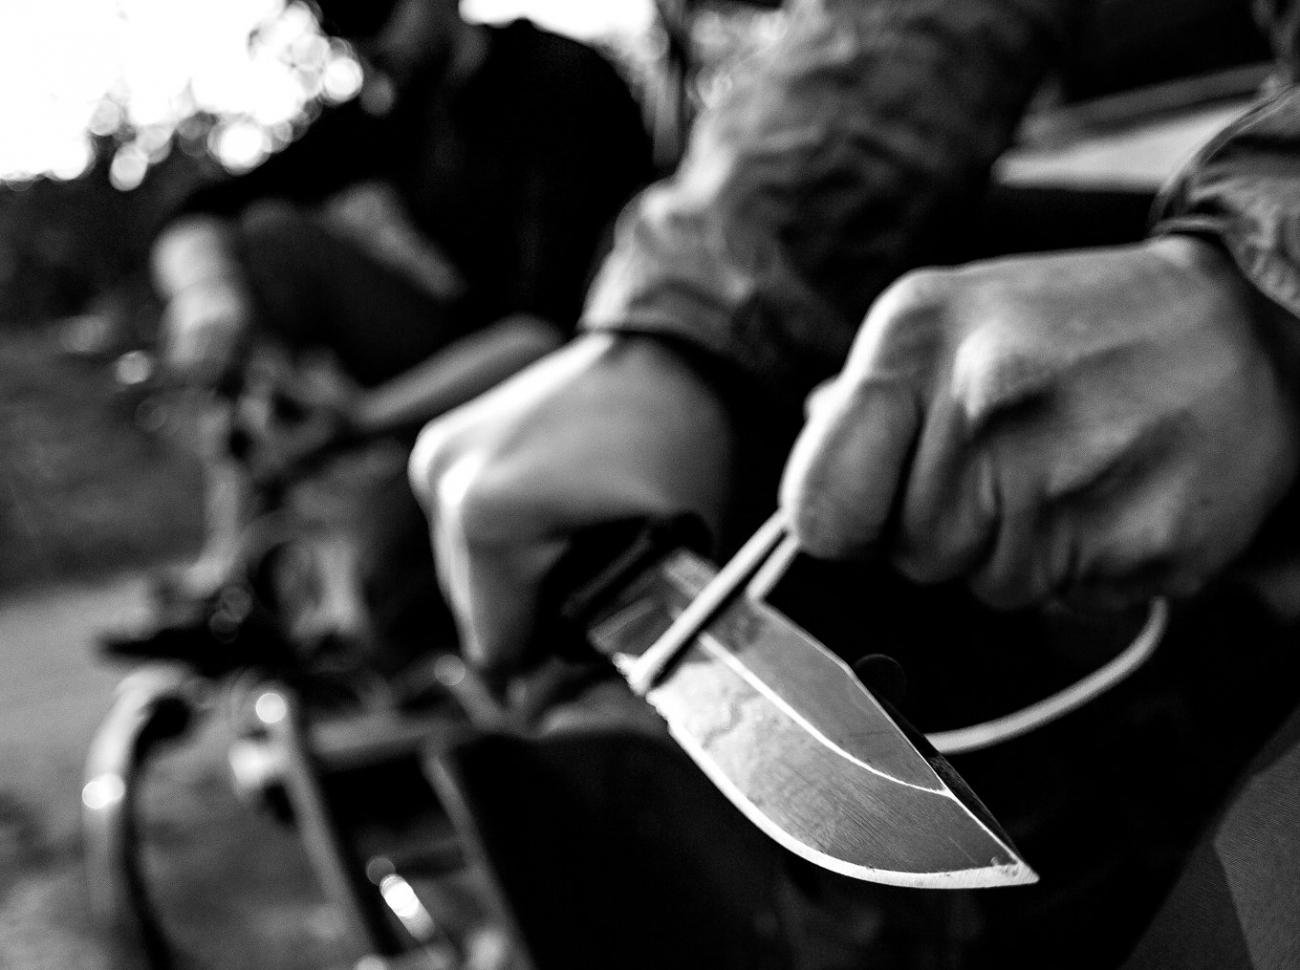 Gerber StrongArm Fixed Testere Ağızlı Kahverengi Bıçak (30-001059)